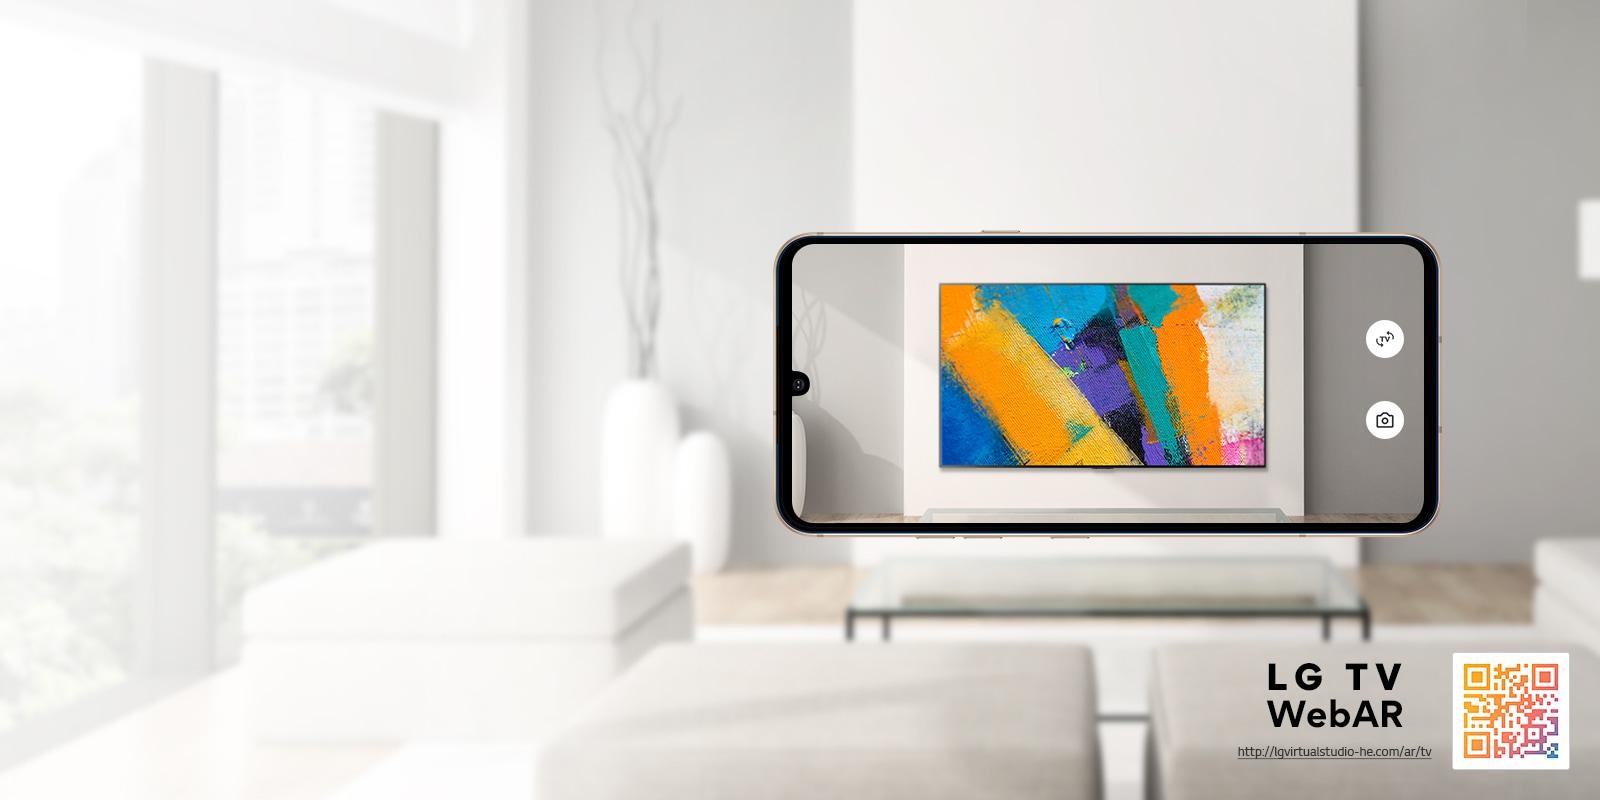 這是LG OLED電視的Web AR模擬圖像。 手機圖像在極簡空間上重疊。 右下角有一個QR碼。